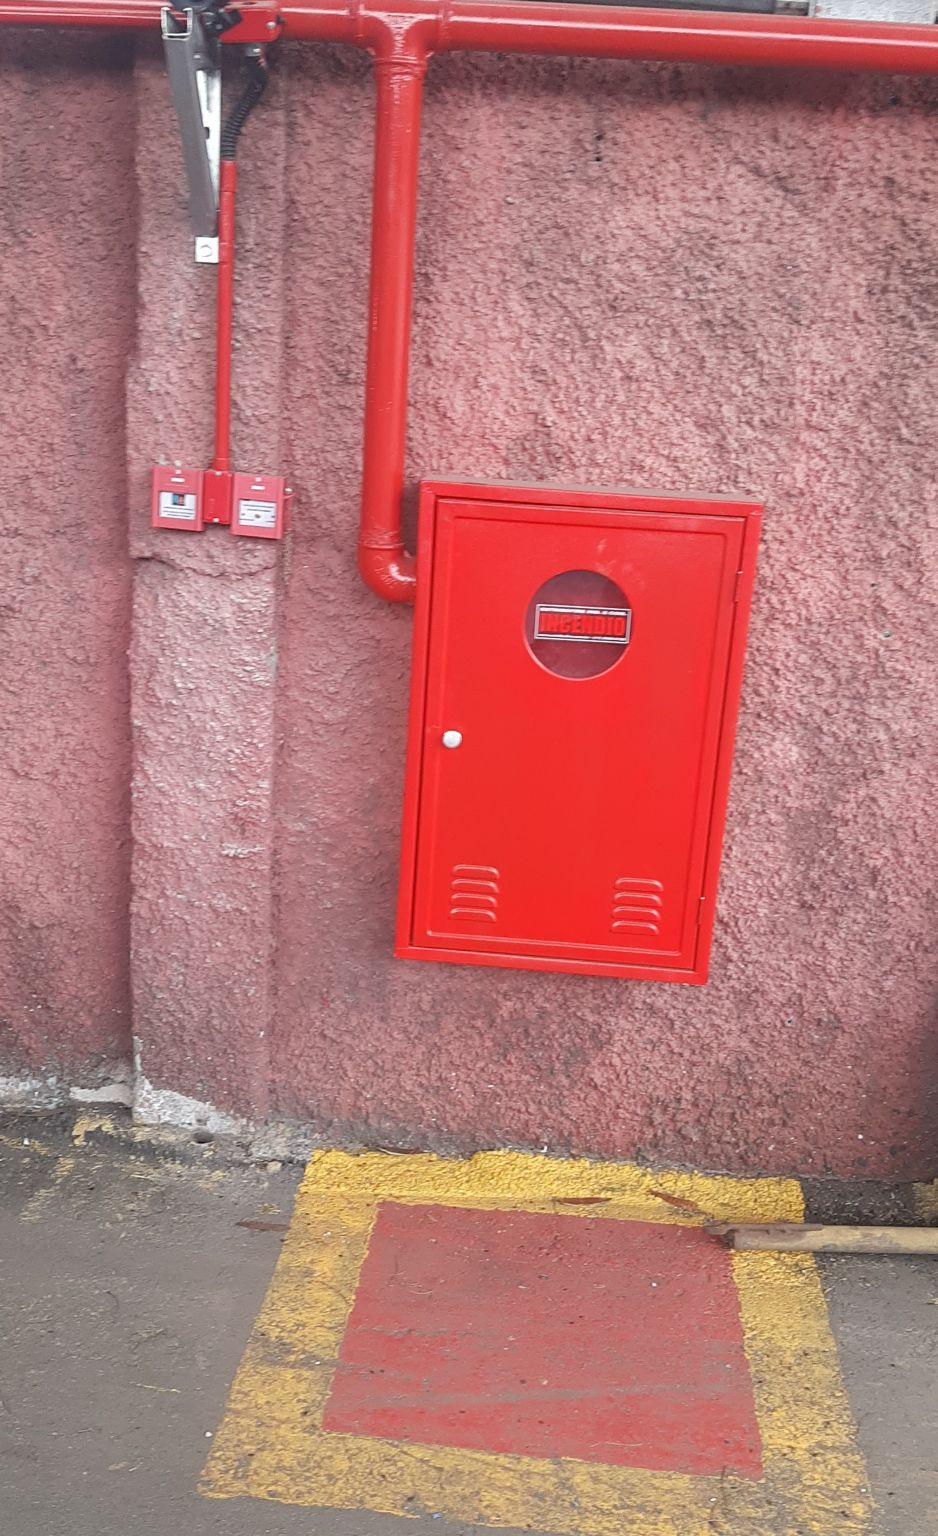 instalação do sistema de hidrante.